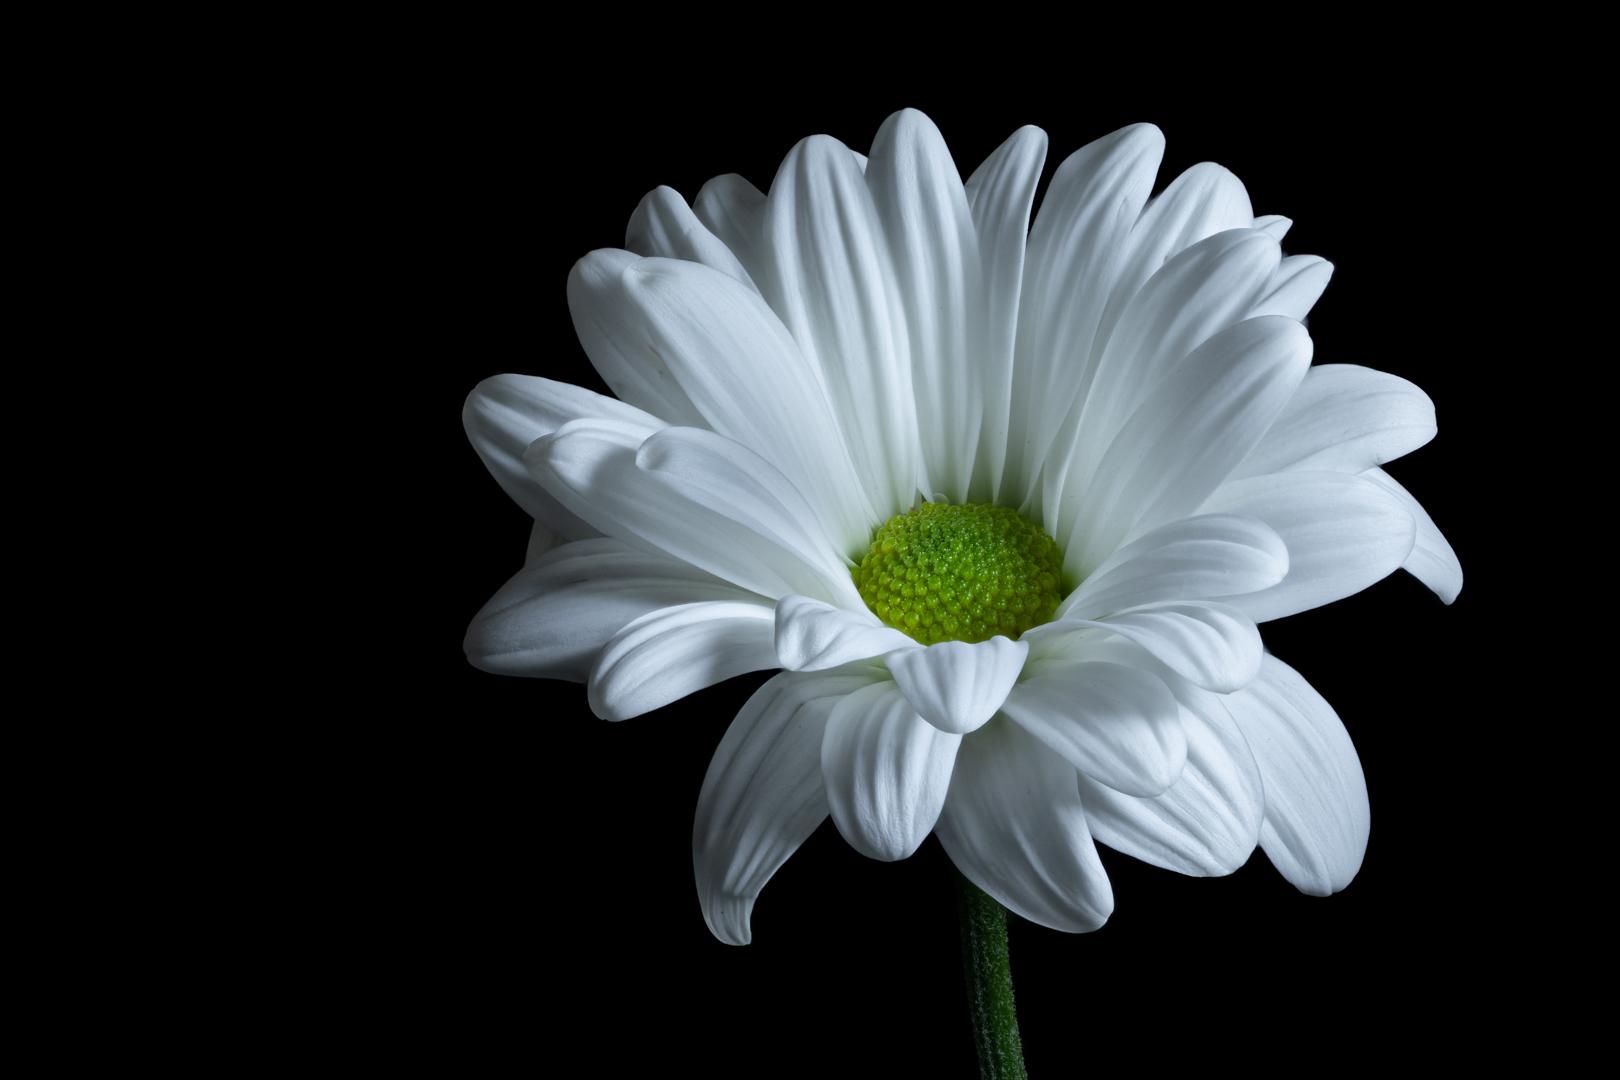 Green Eyed Daisy